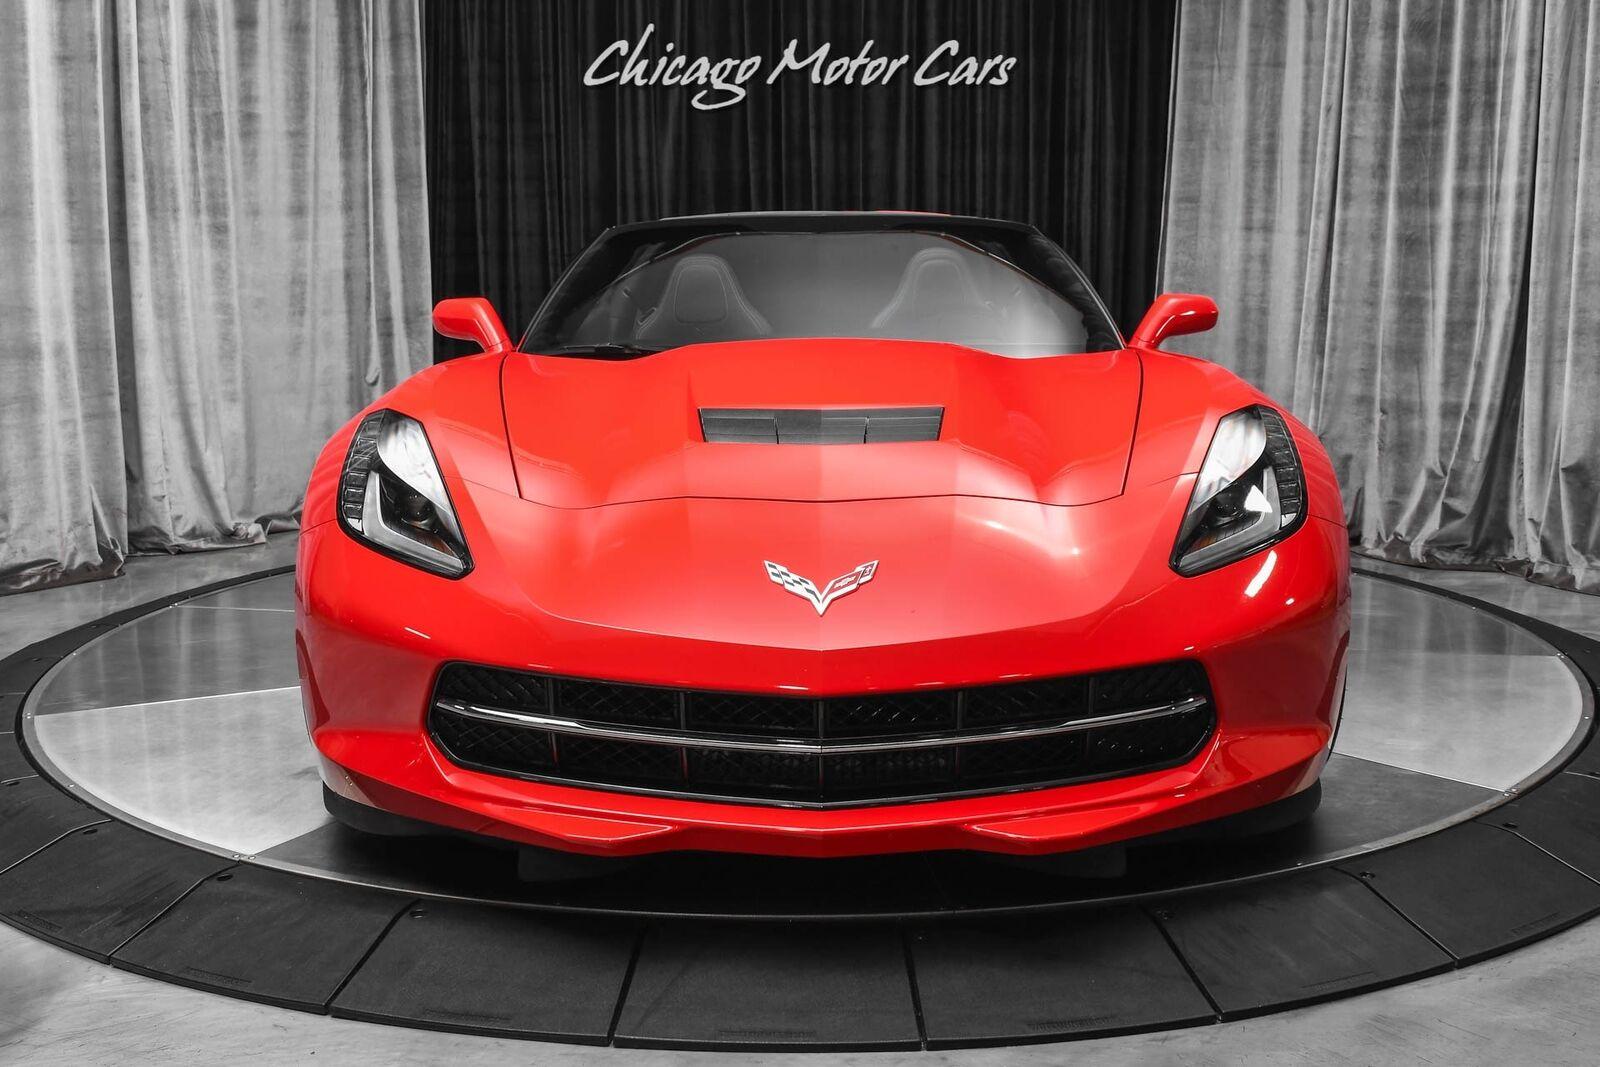 2014 Red Chevrolet Corvette Stingray 2LT | C7 Corvette Photo 7